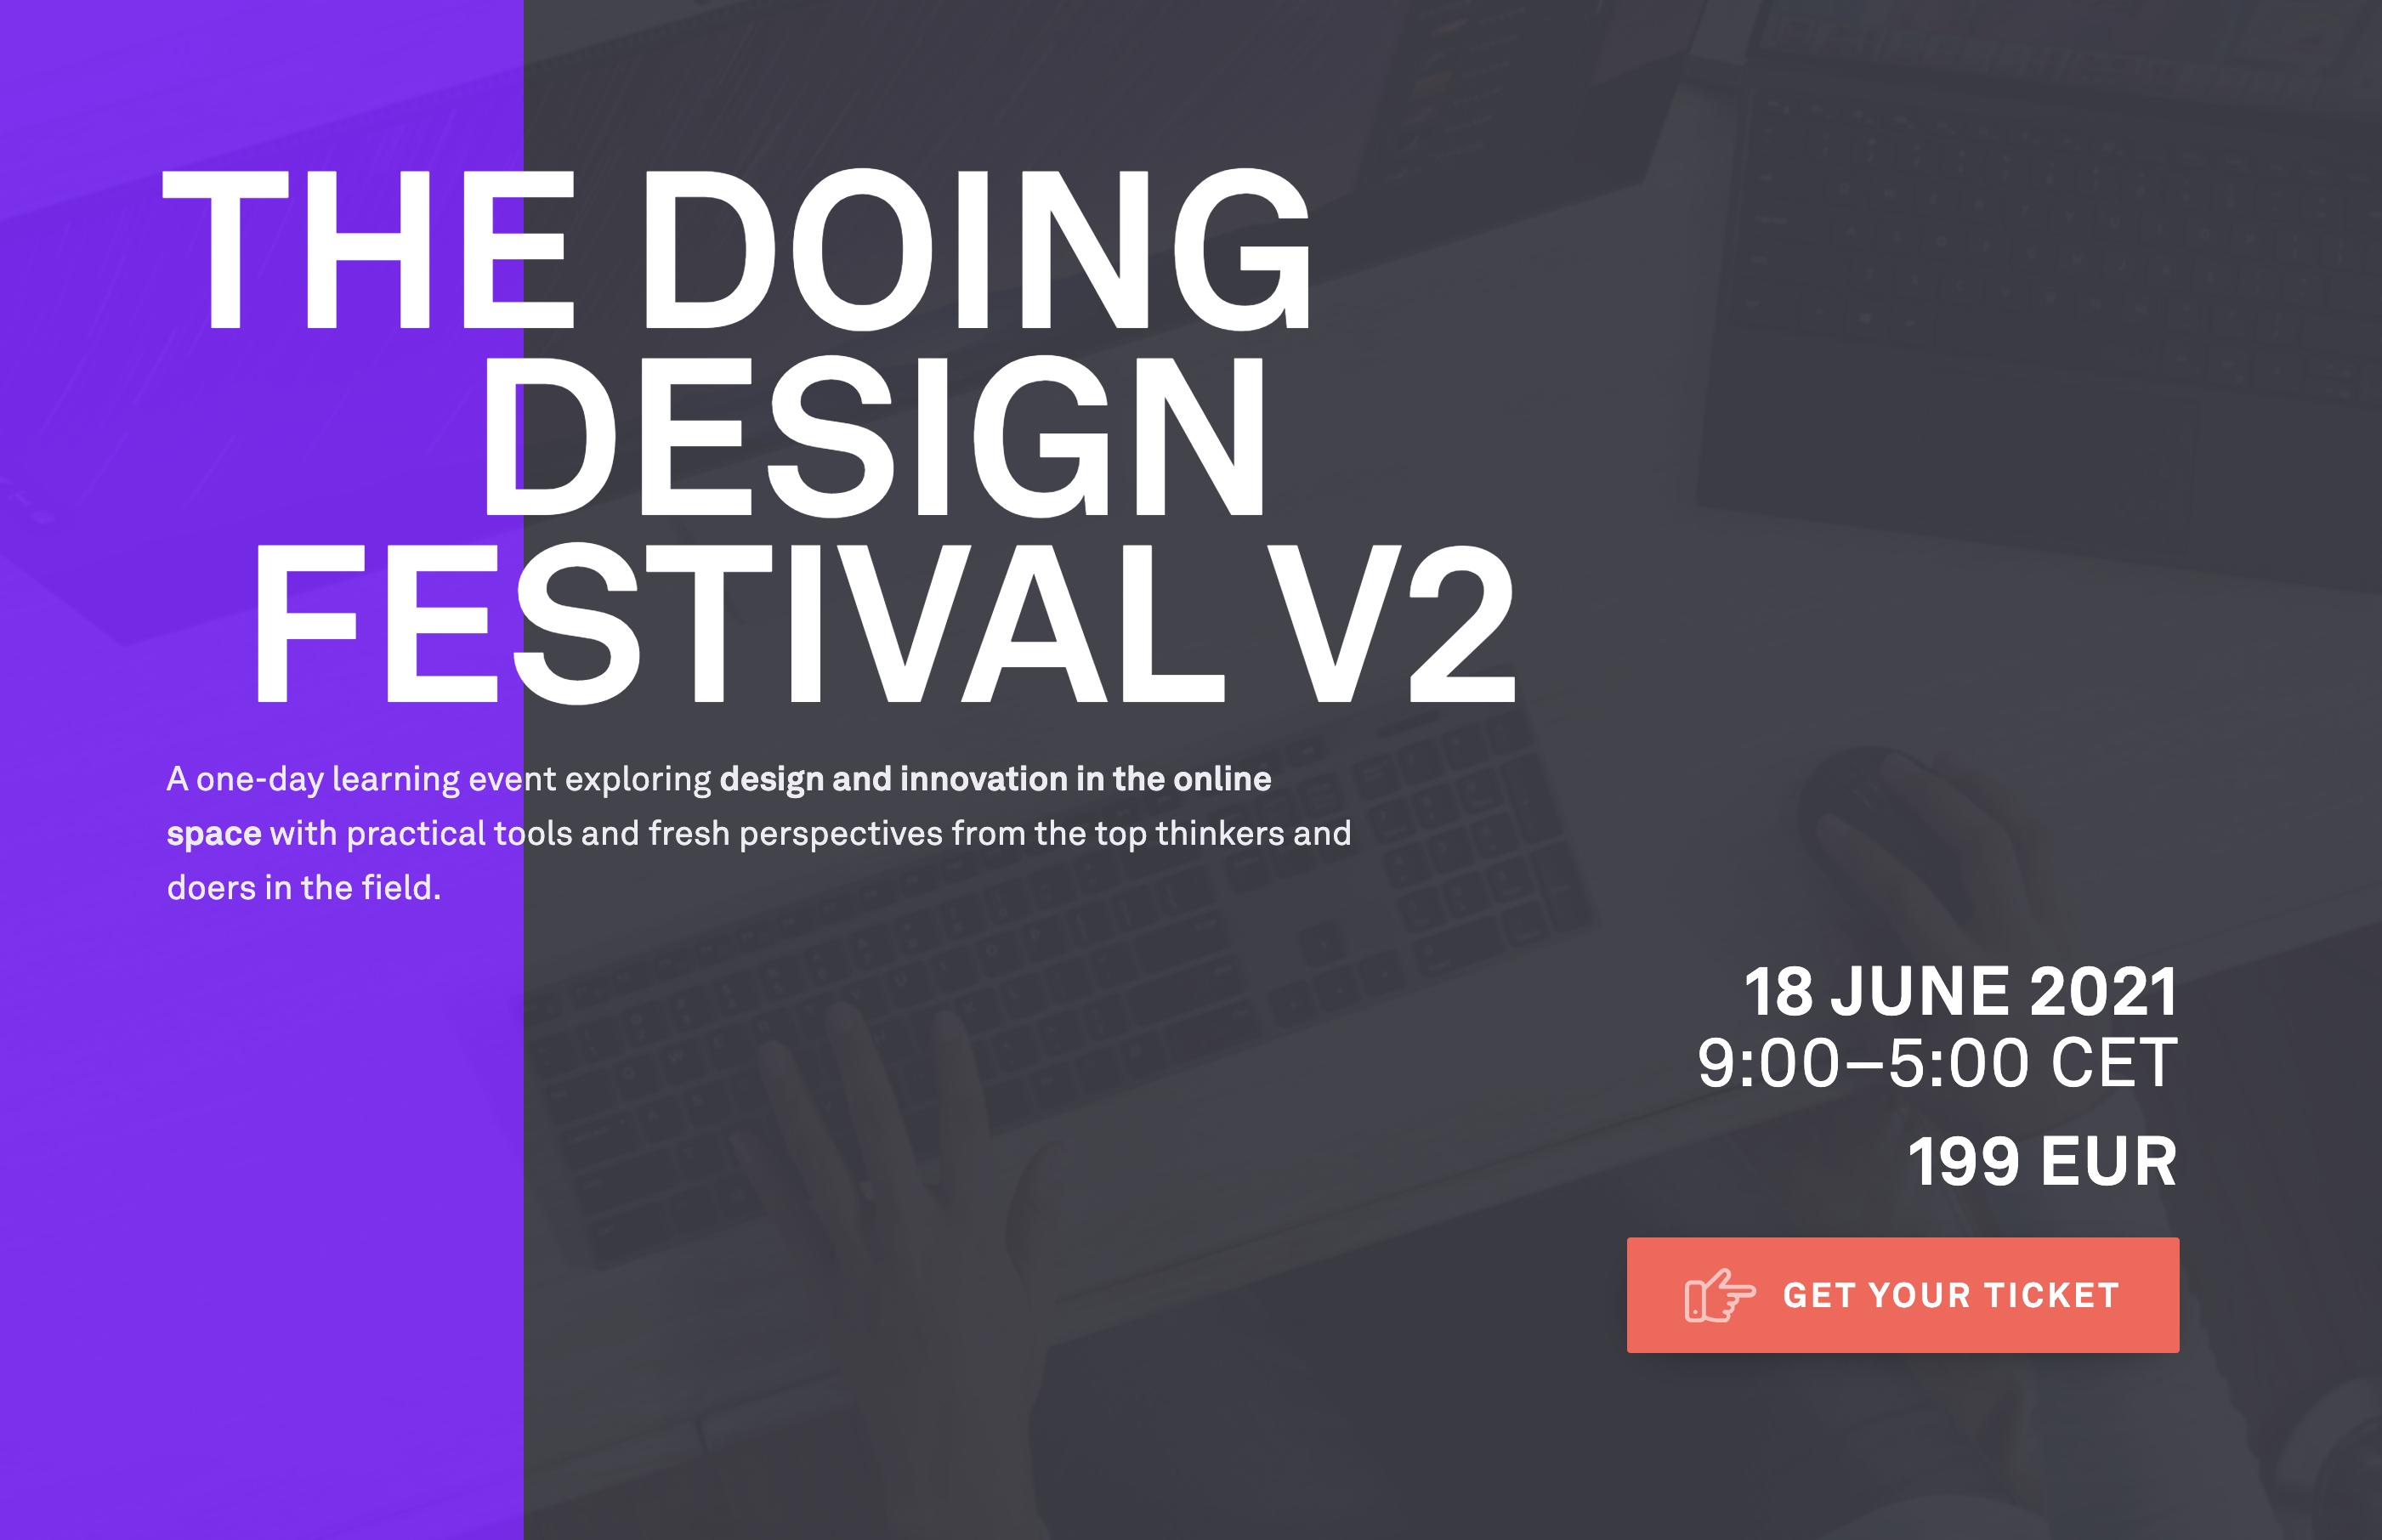 Announcement of the Doing Design Festival V2